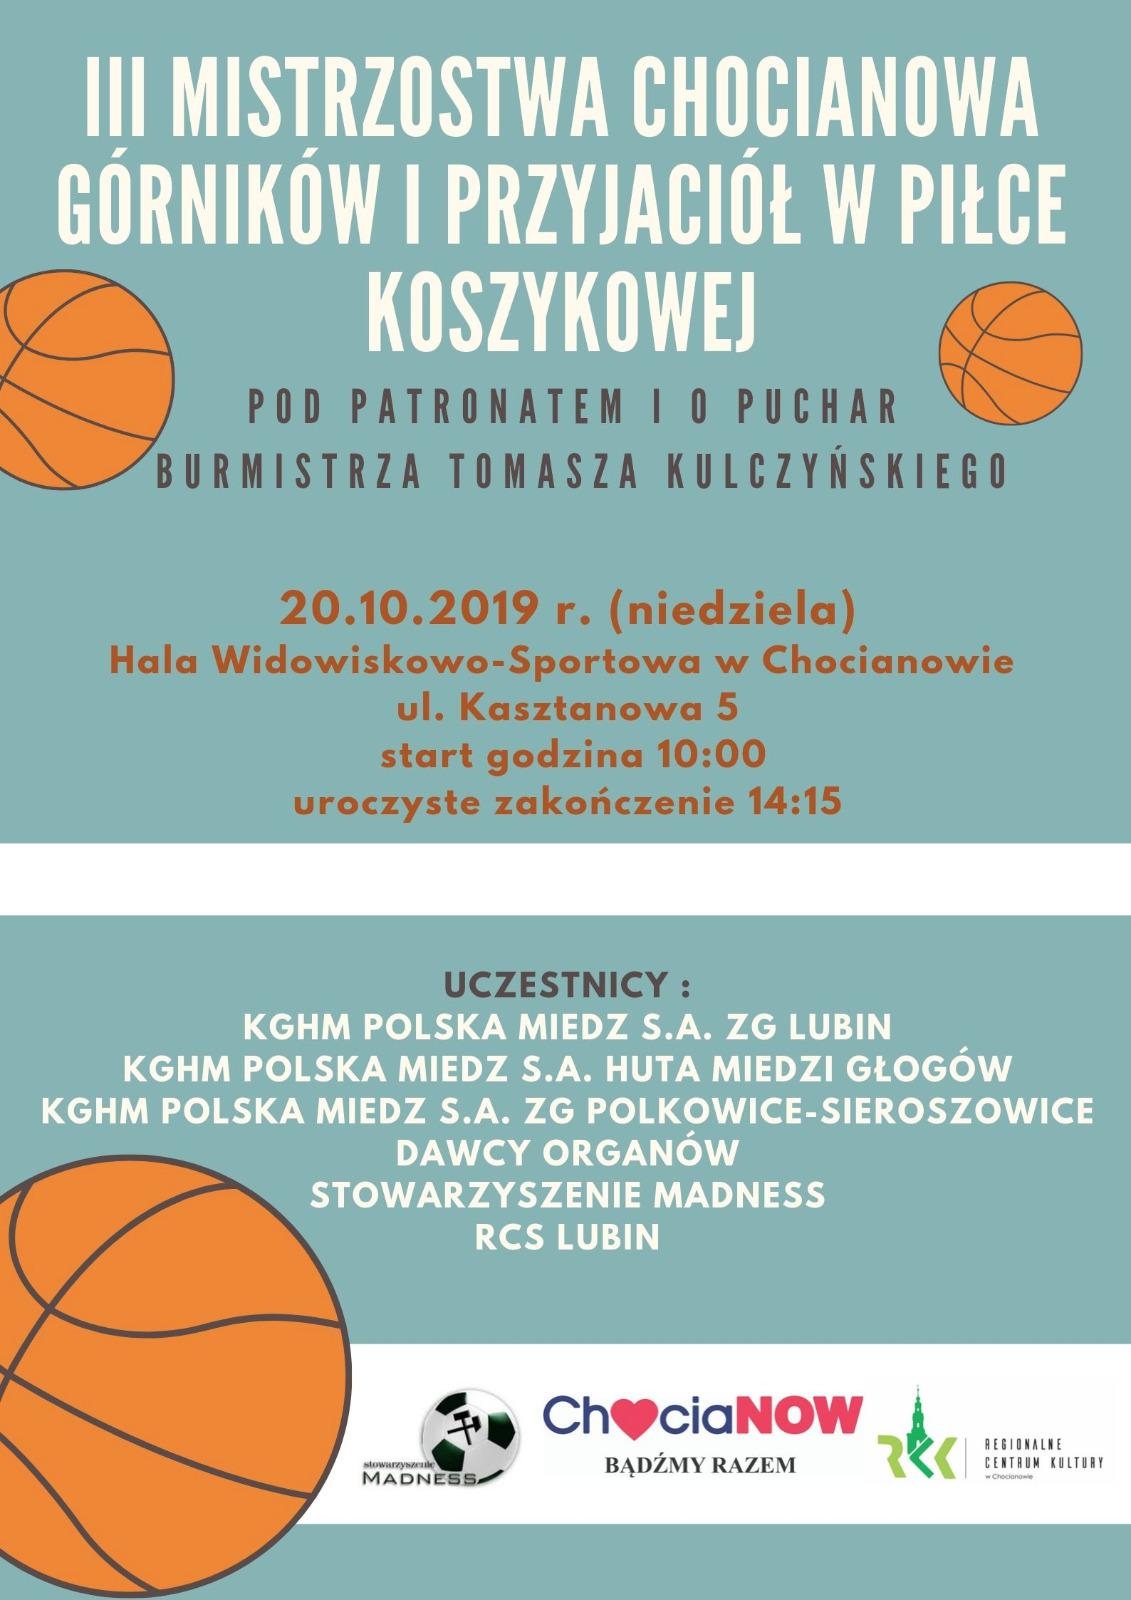 W niedziele odbędą się III Mistrzostwa Chocianowa w Piłce Koszykowej